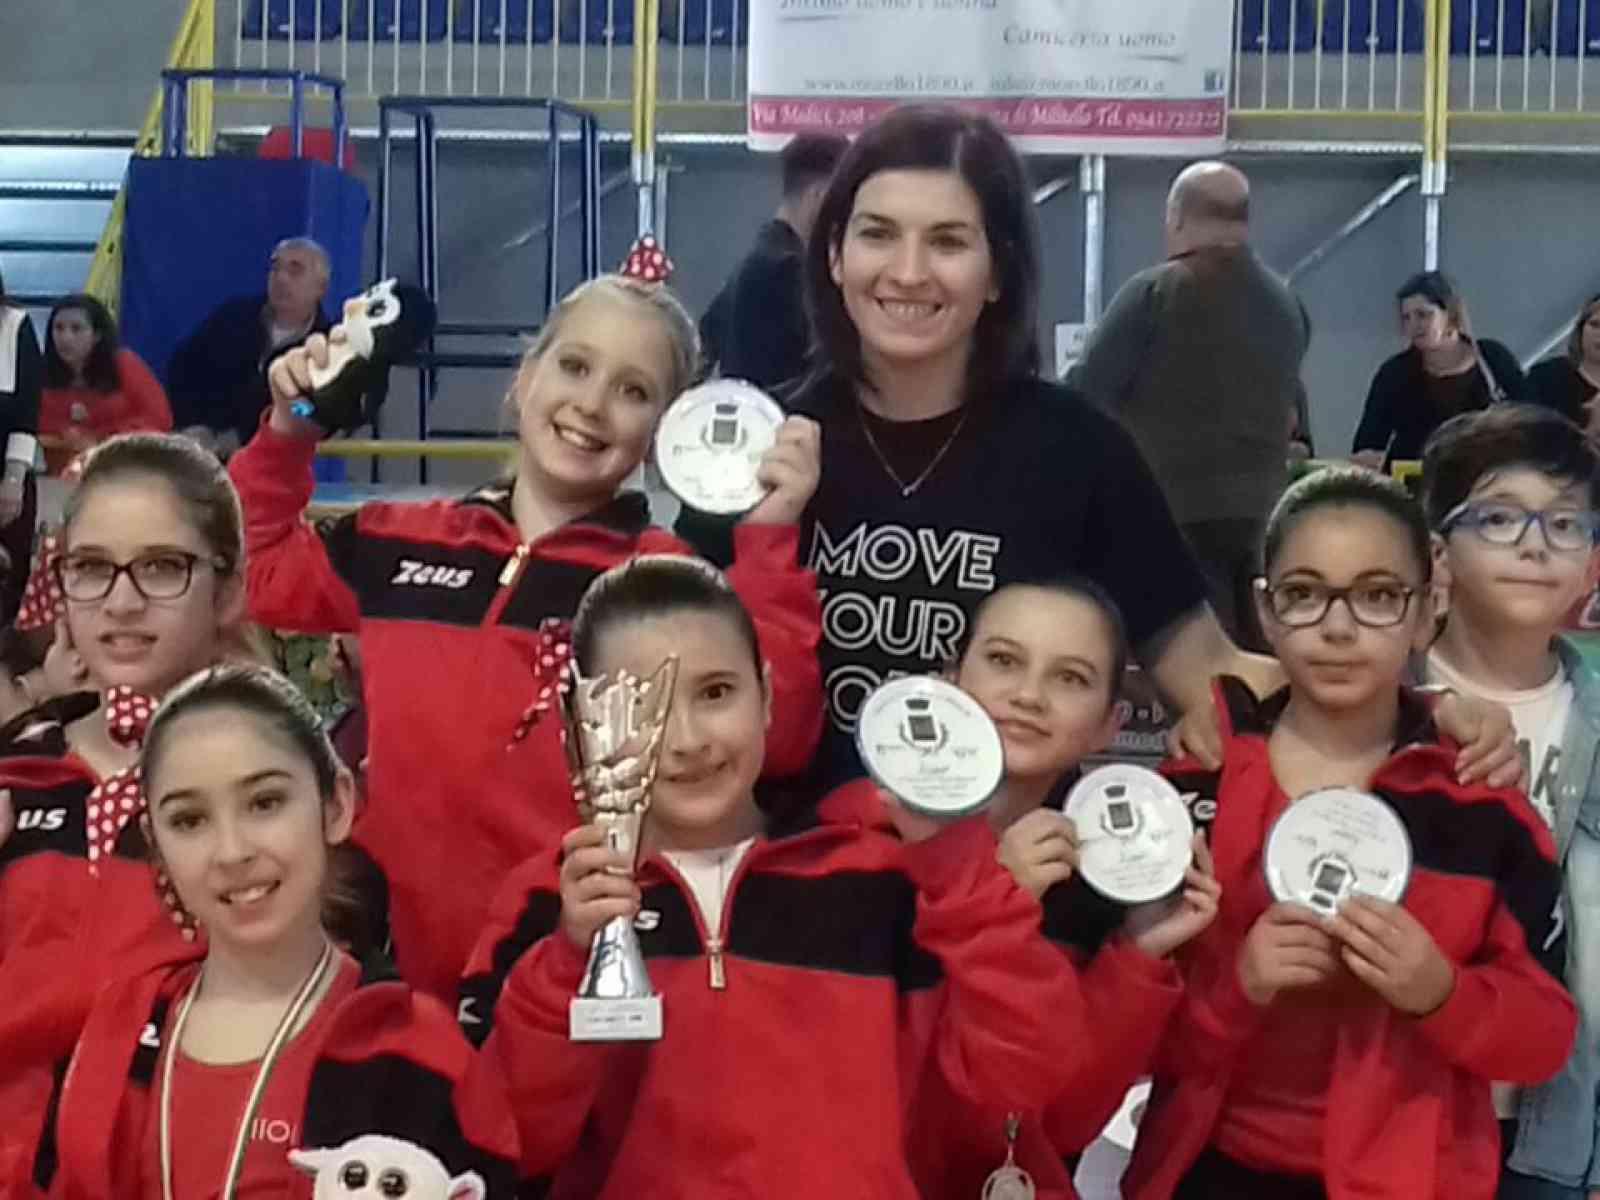 Poggioreale. Podi e medaglie per alcune giovanissime nella III fase dei campionati regionali di twirling free style